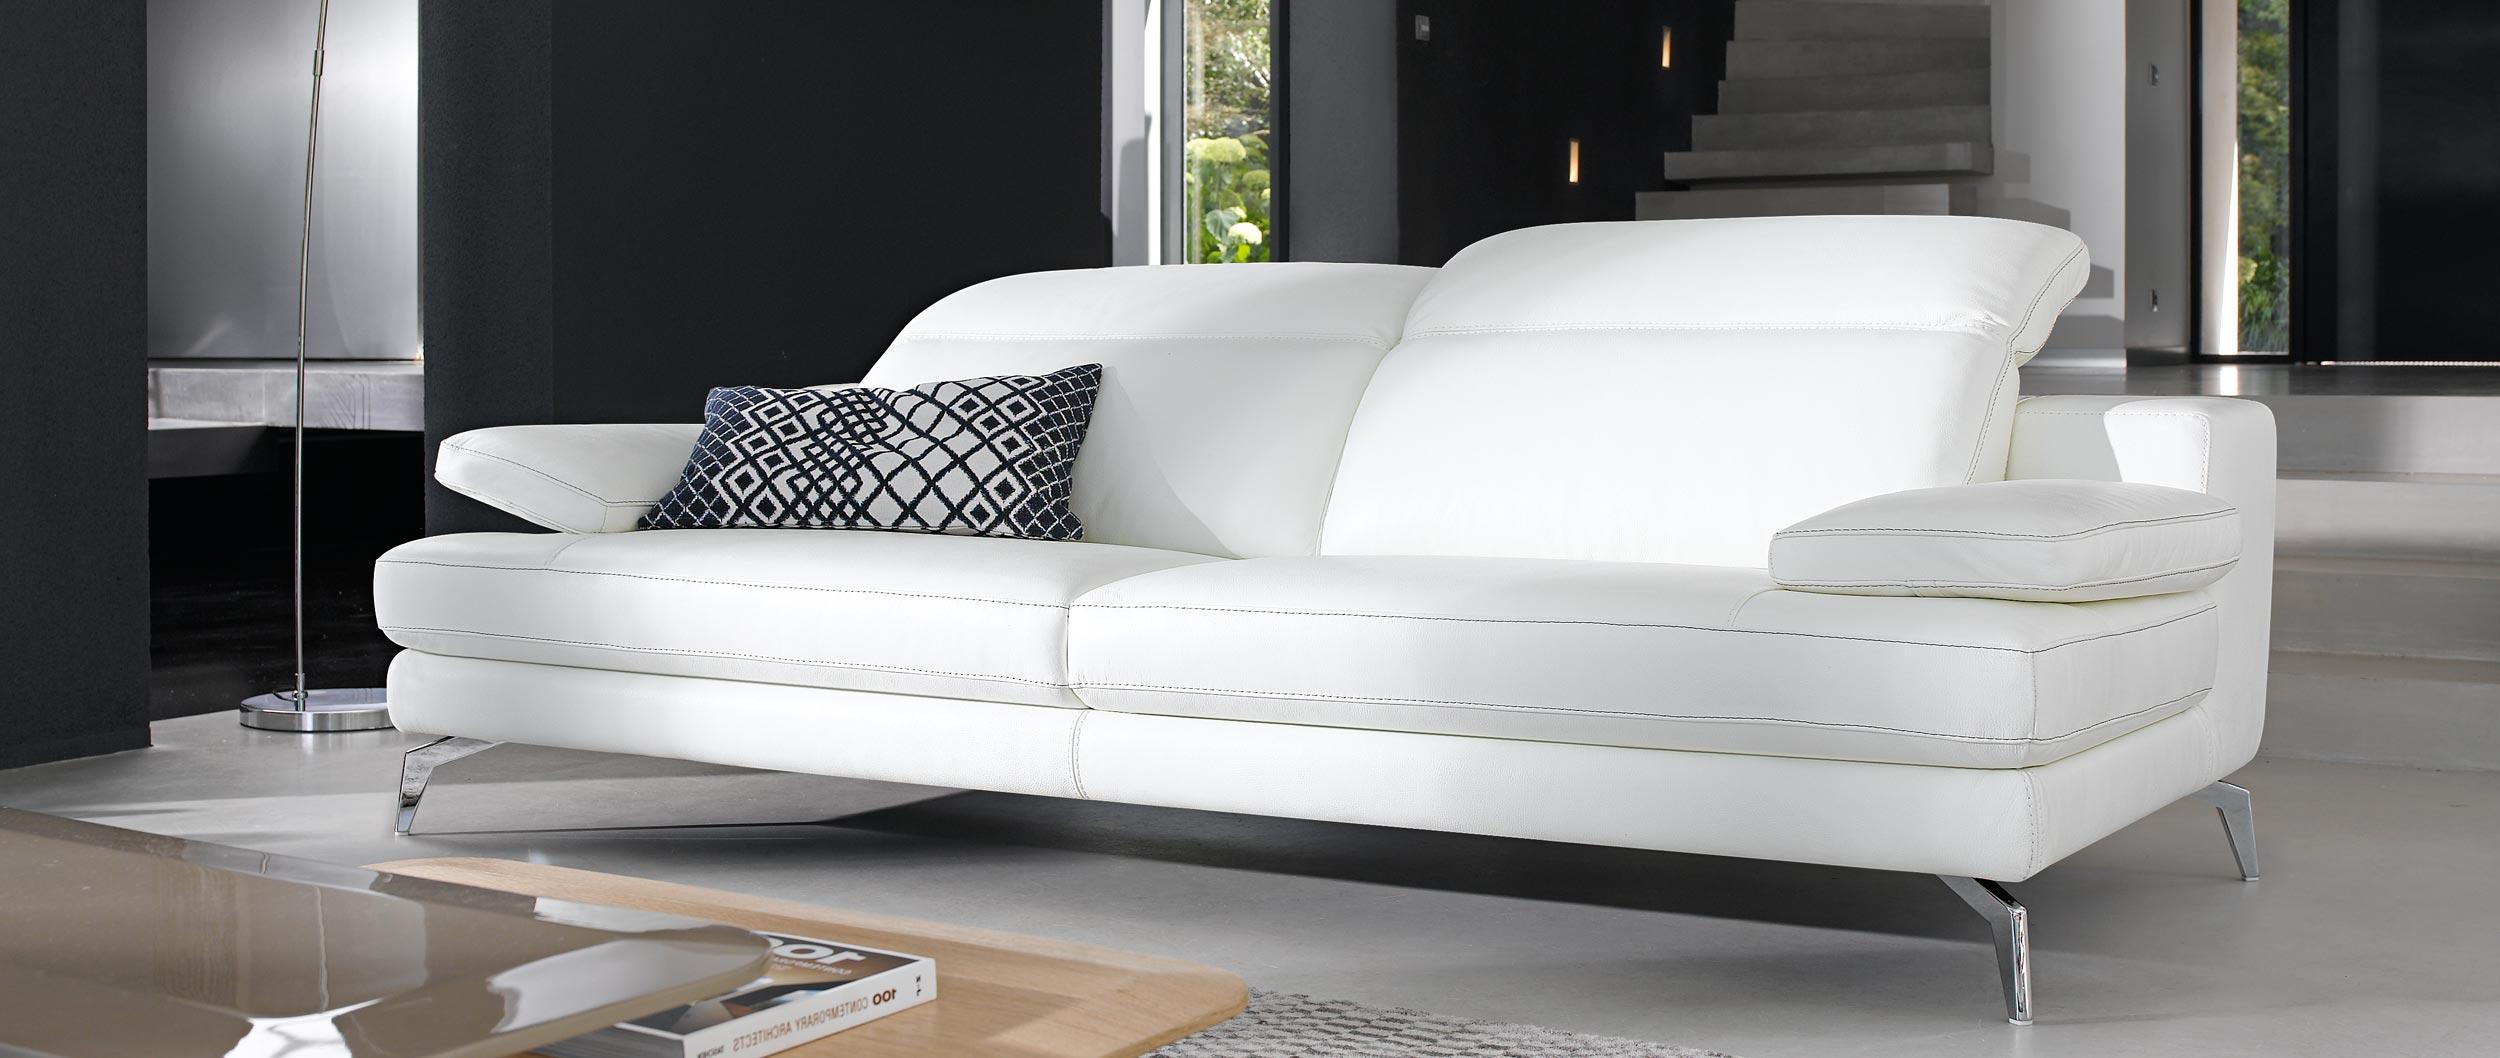 Canap cuire latest canape cuir place canape lit places - Comment nettoyer un canape en cuir blanc ...